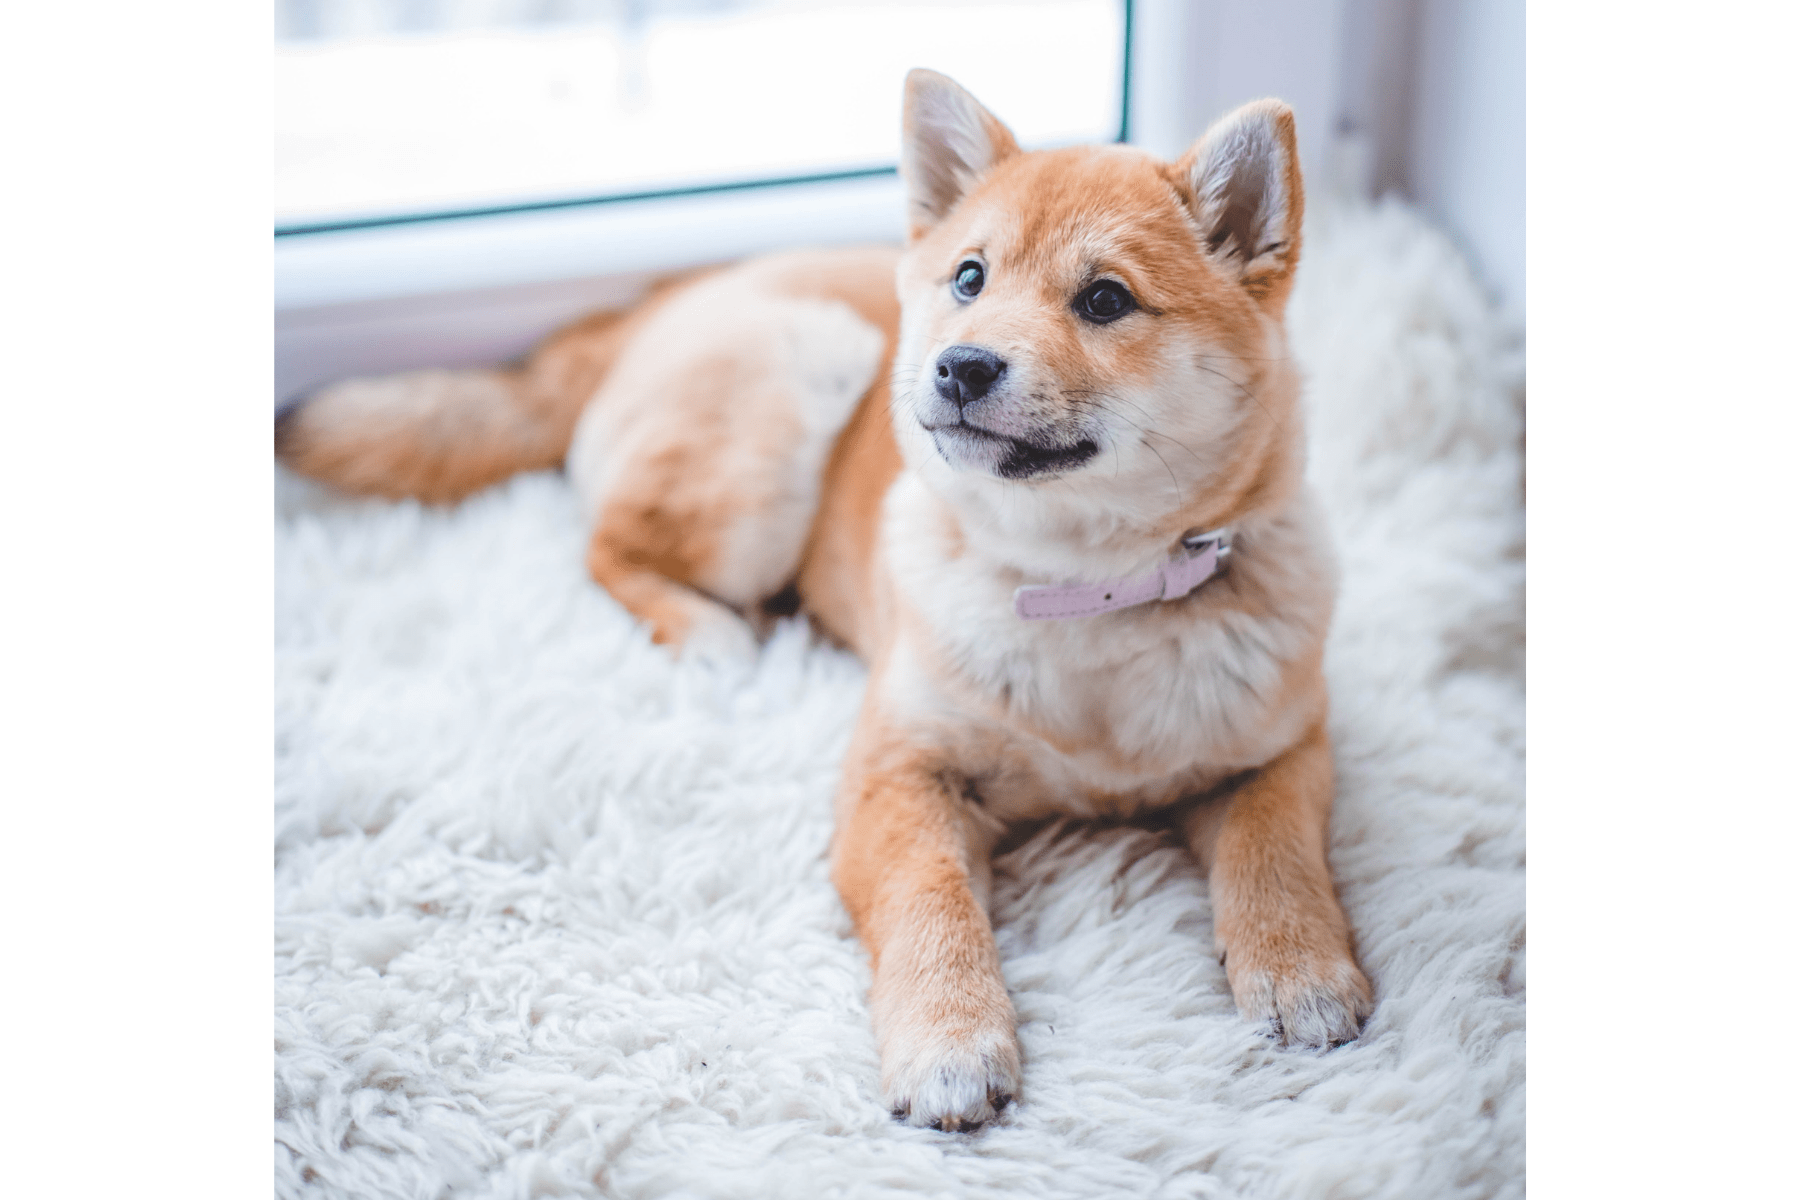 antiparasitarios naturales para perros y gatos en polvo, en spray, collares y pipetas